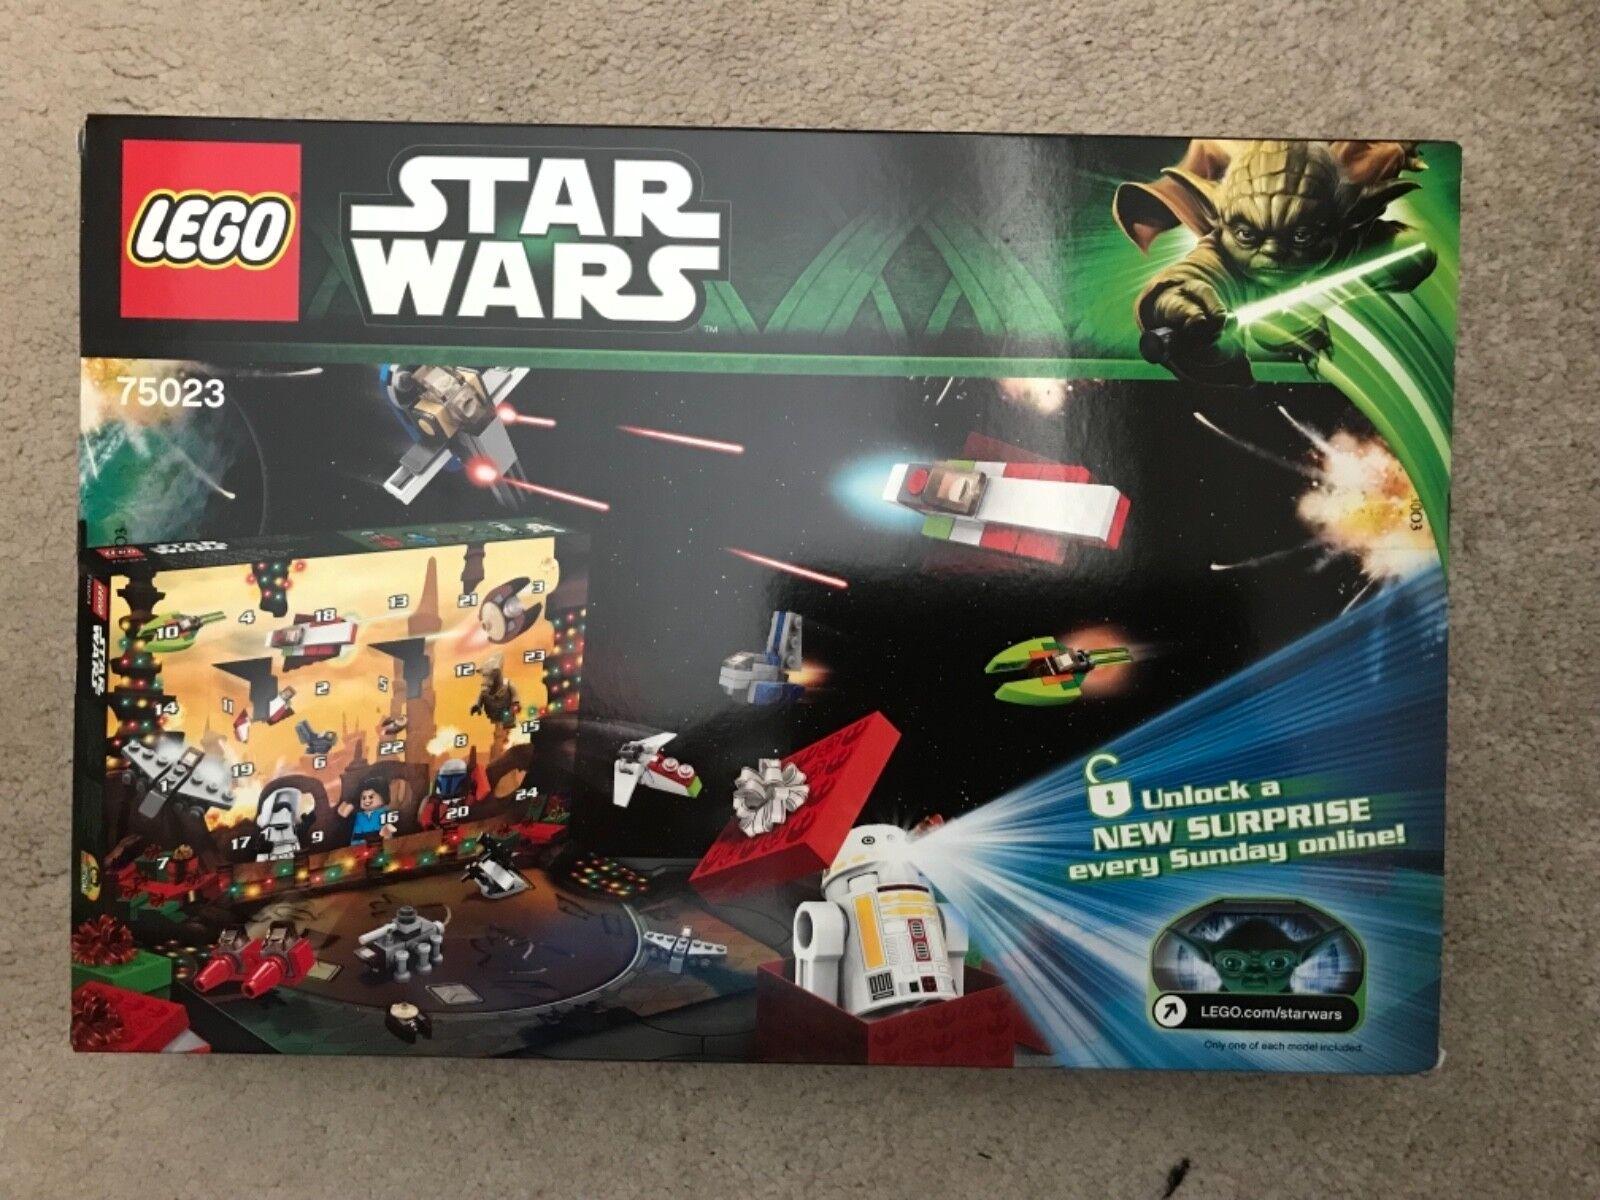 LEGO Star Wars 2013 Calendario dell'Avvento. NUOVI e non aperti. UK consegna gratuita. 75023